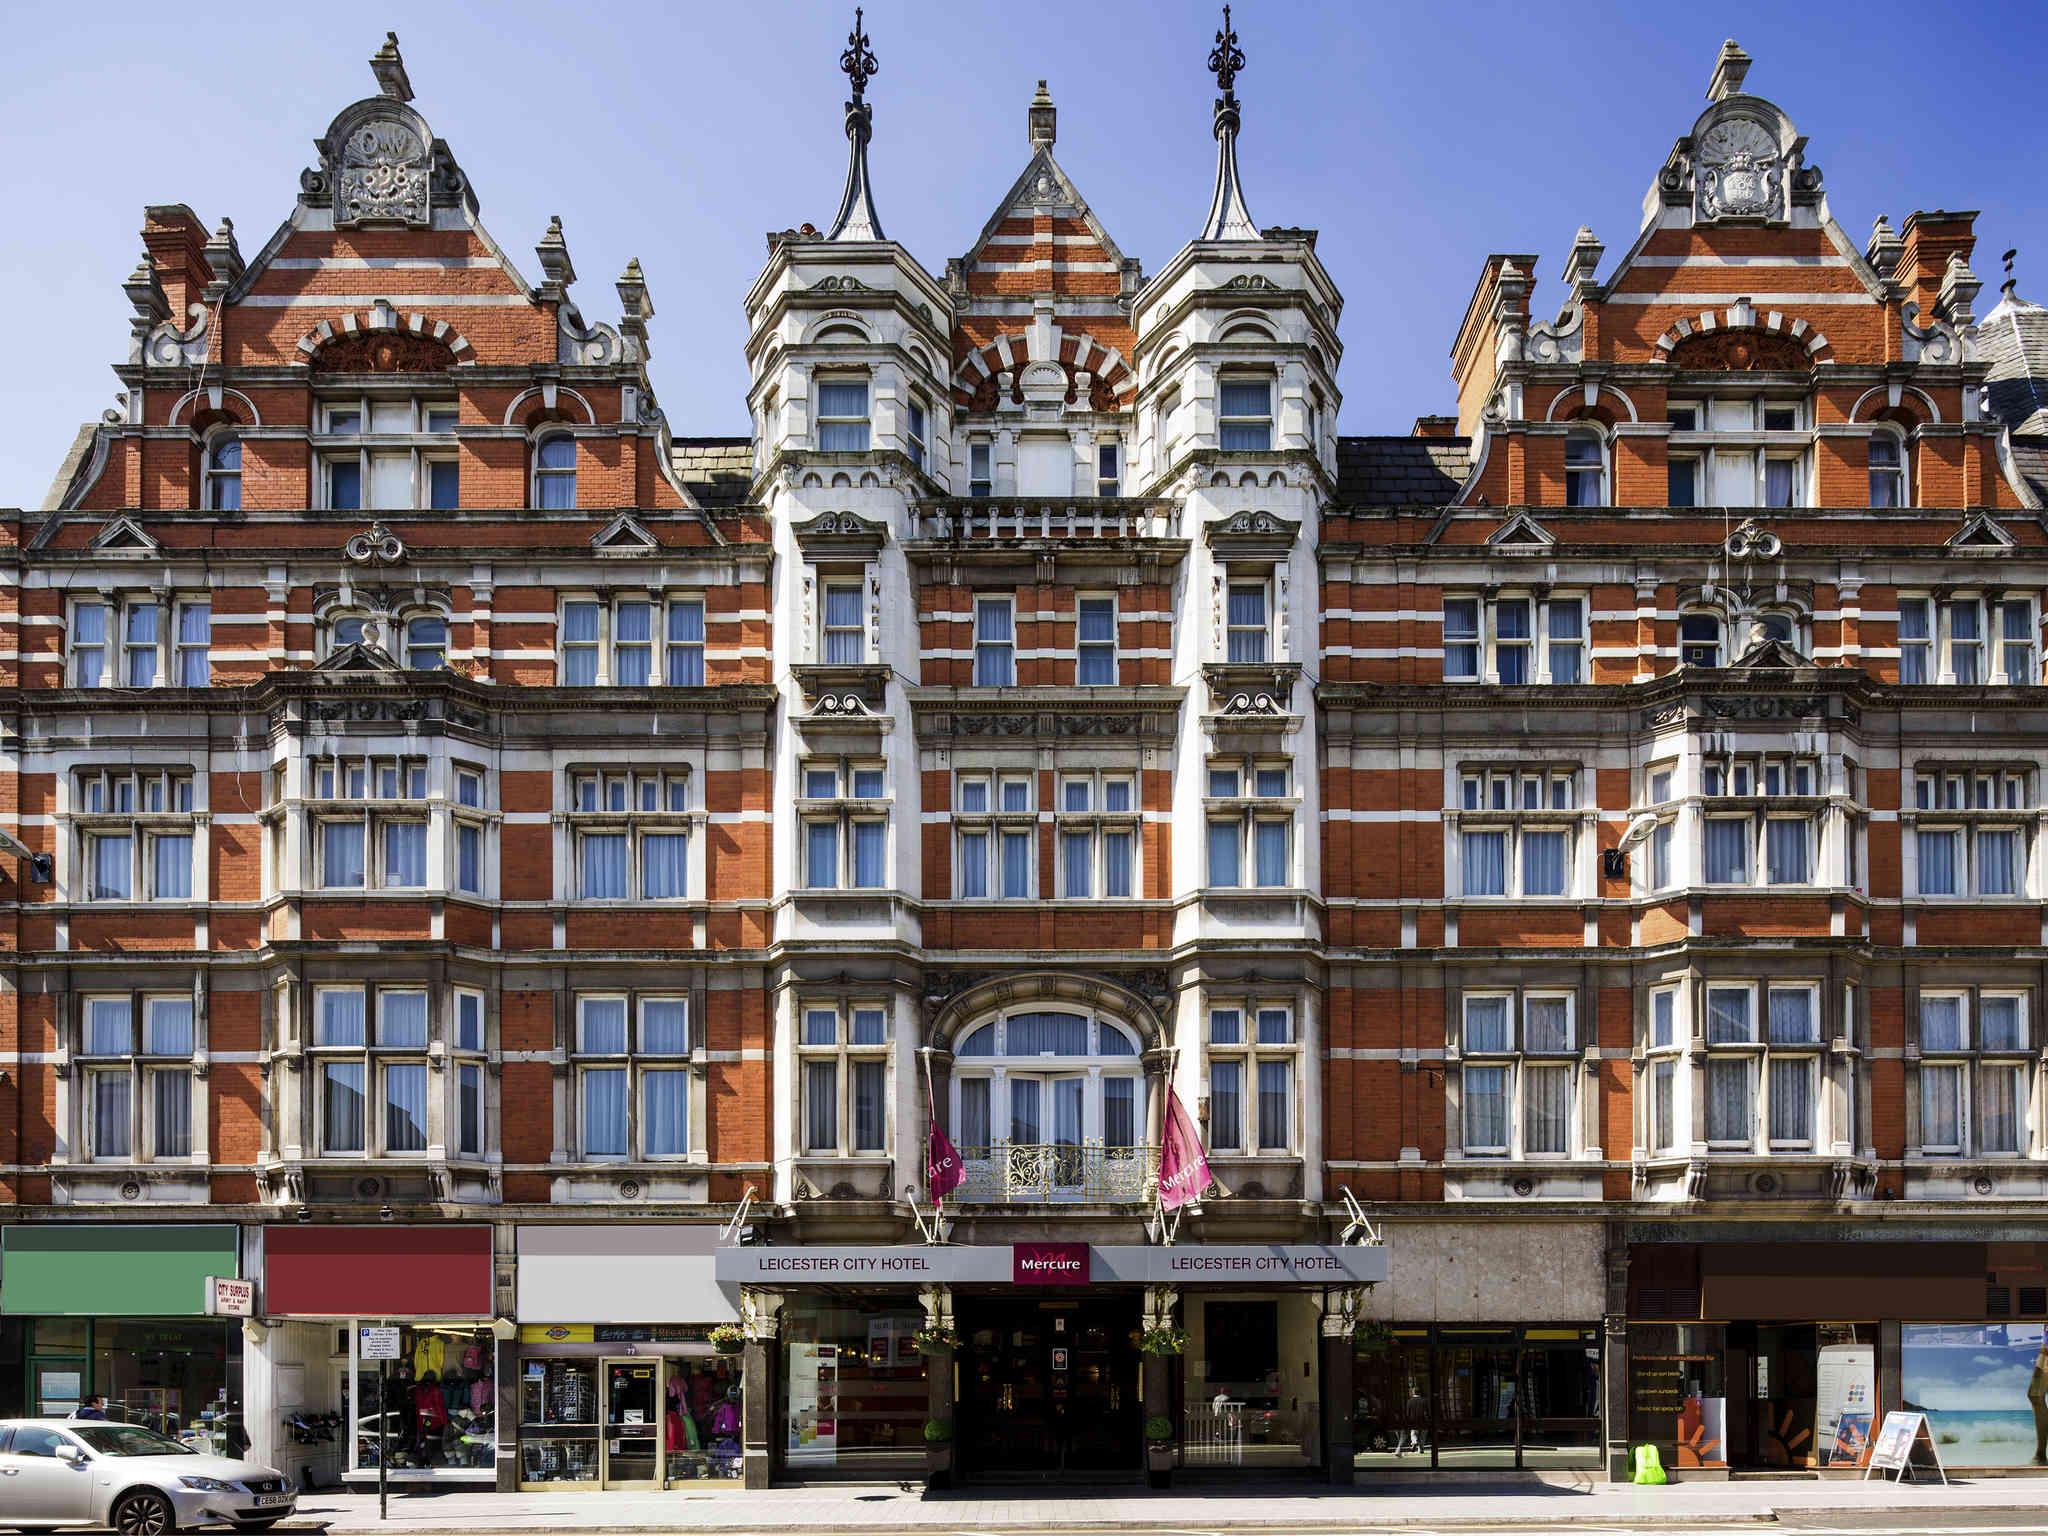 โรงแรม – Mercure Leicester The Grand Hotel